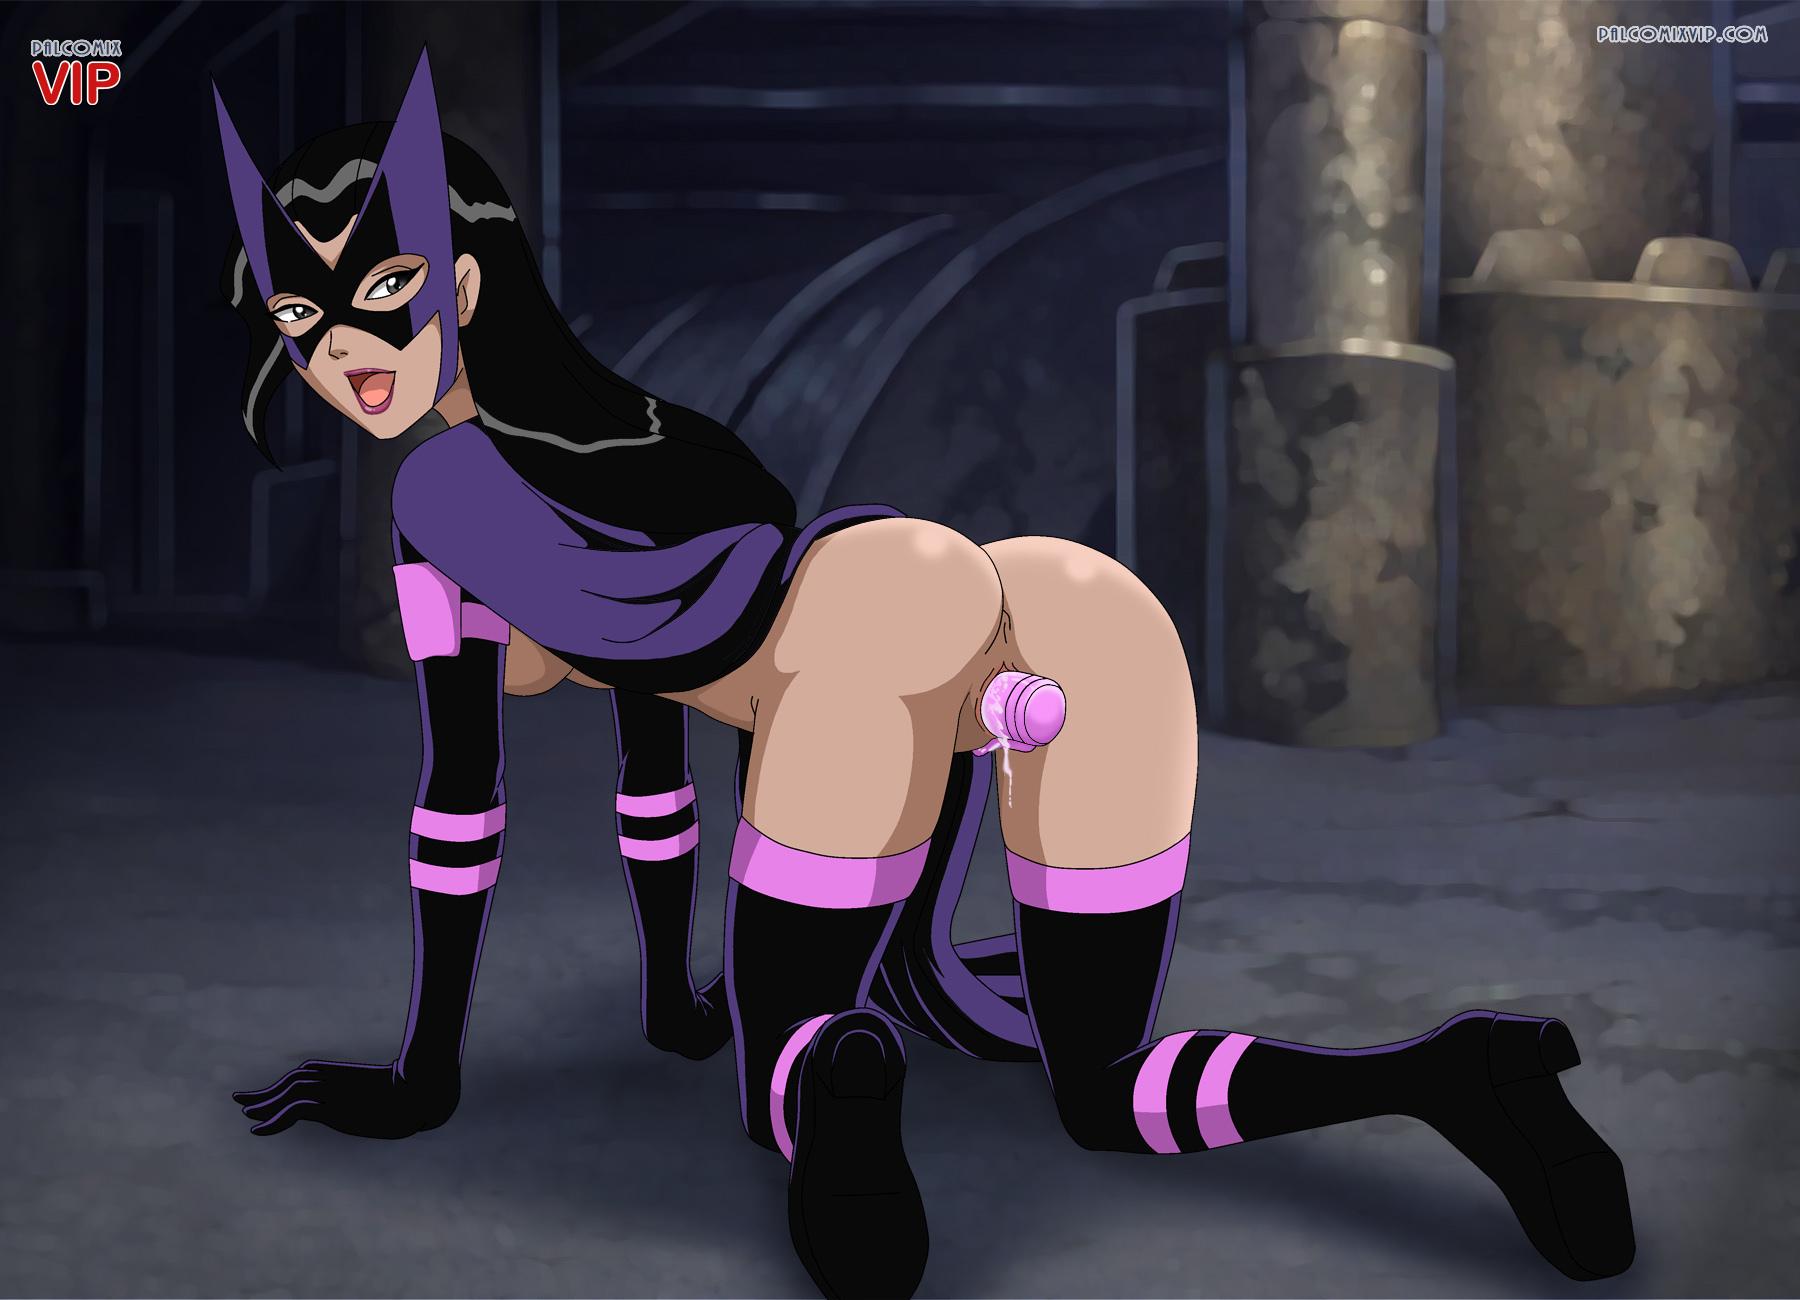 бэтмен будущего порно